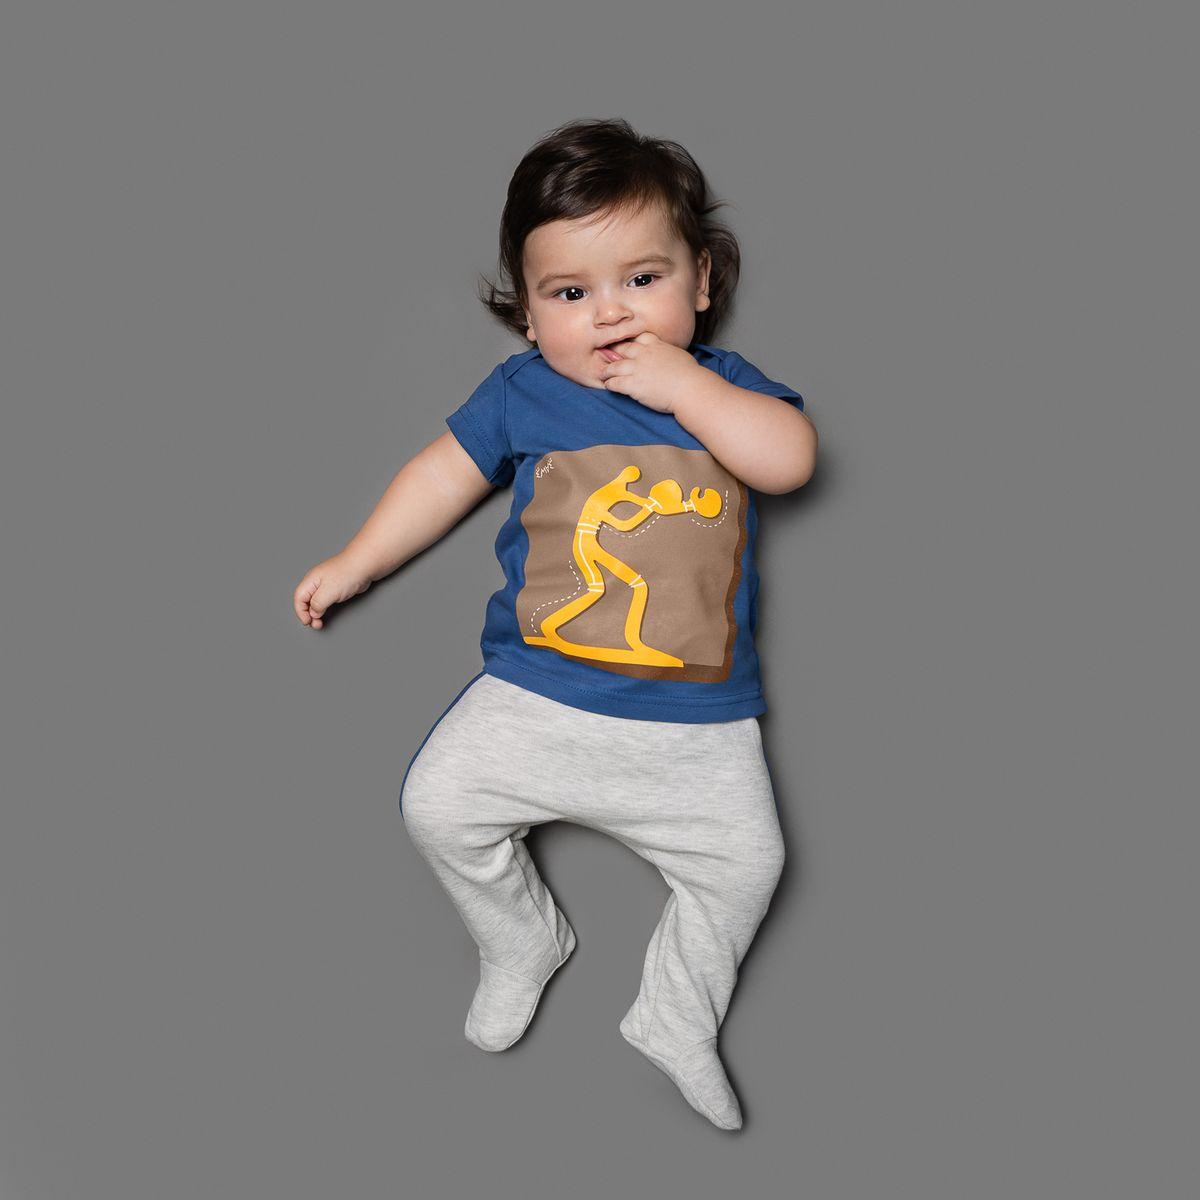 26-252Ползунки для мальчика Ёмаё выполнены из натурального хлопка. Модель с закрытыми ножками подходят для ношения с подгузником и без него. На талии они имеют широкую трикотажную резинку, не сжимающую животик ребенка. Ползунки оформлены контрастными лампасами.